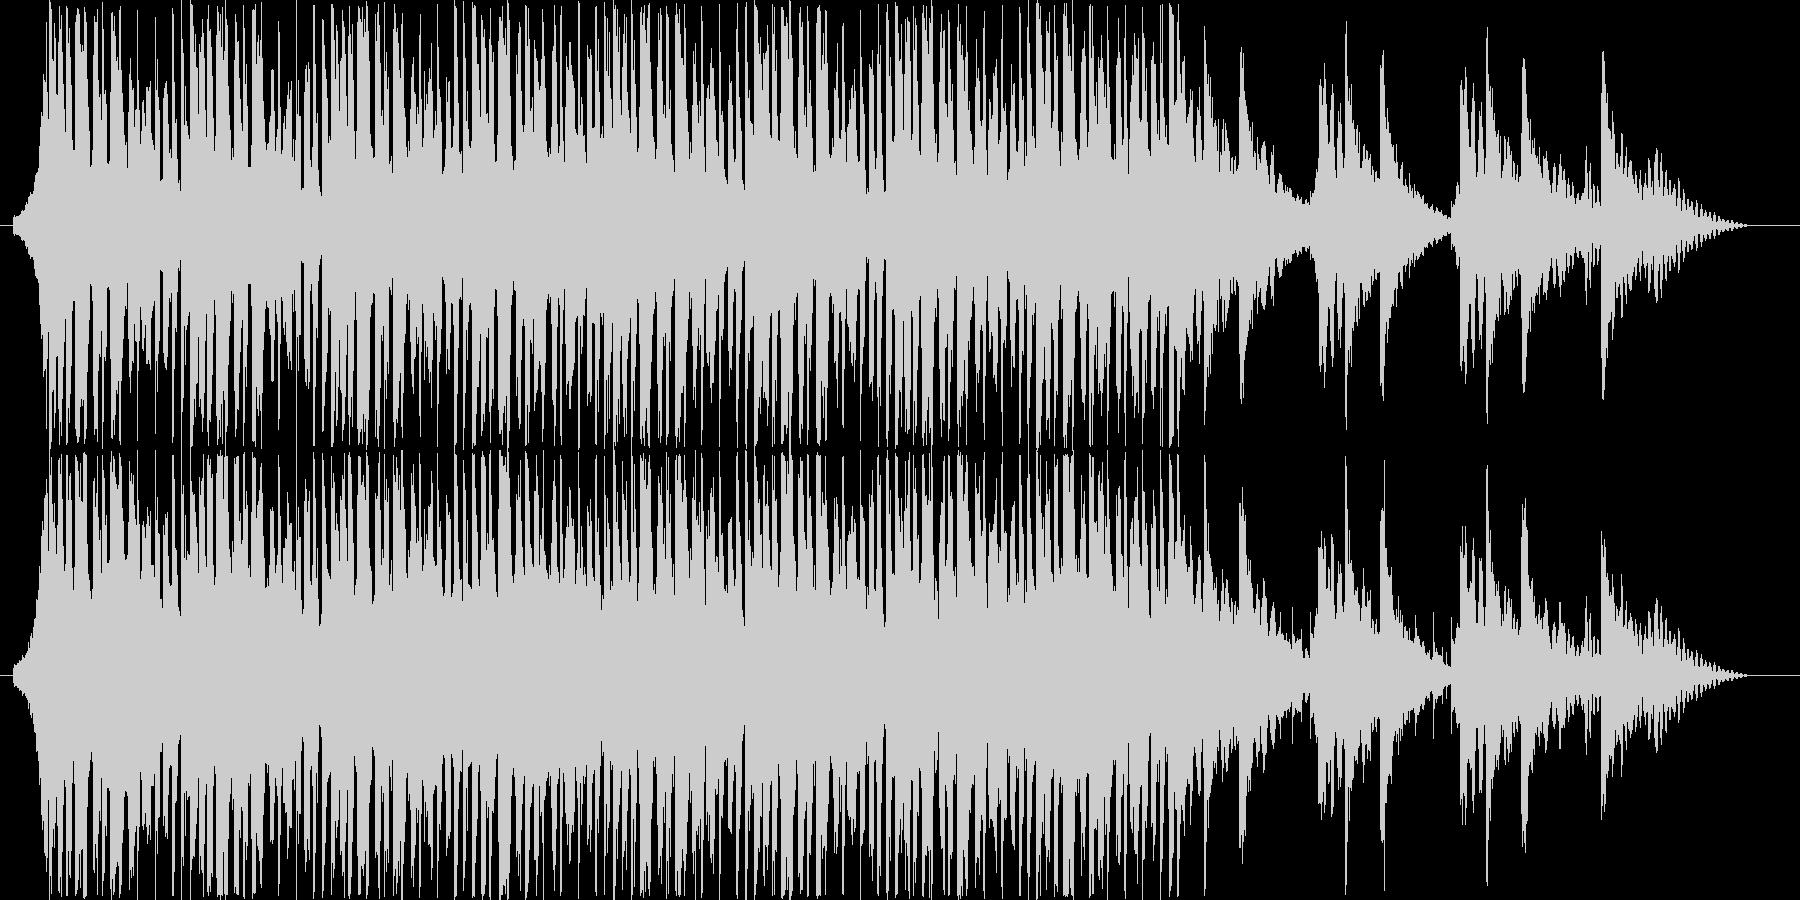 テクノポップ風ジングル・サウンドロゴの未再生の波形